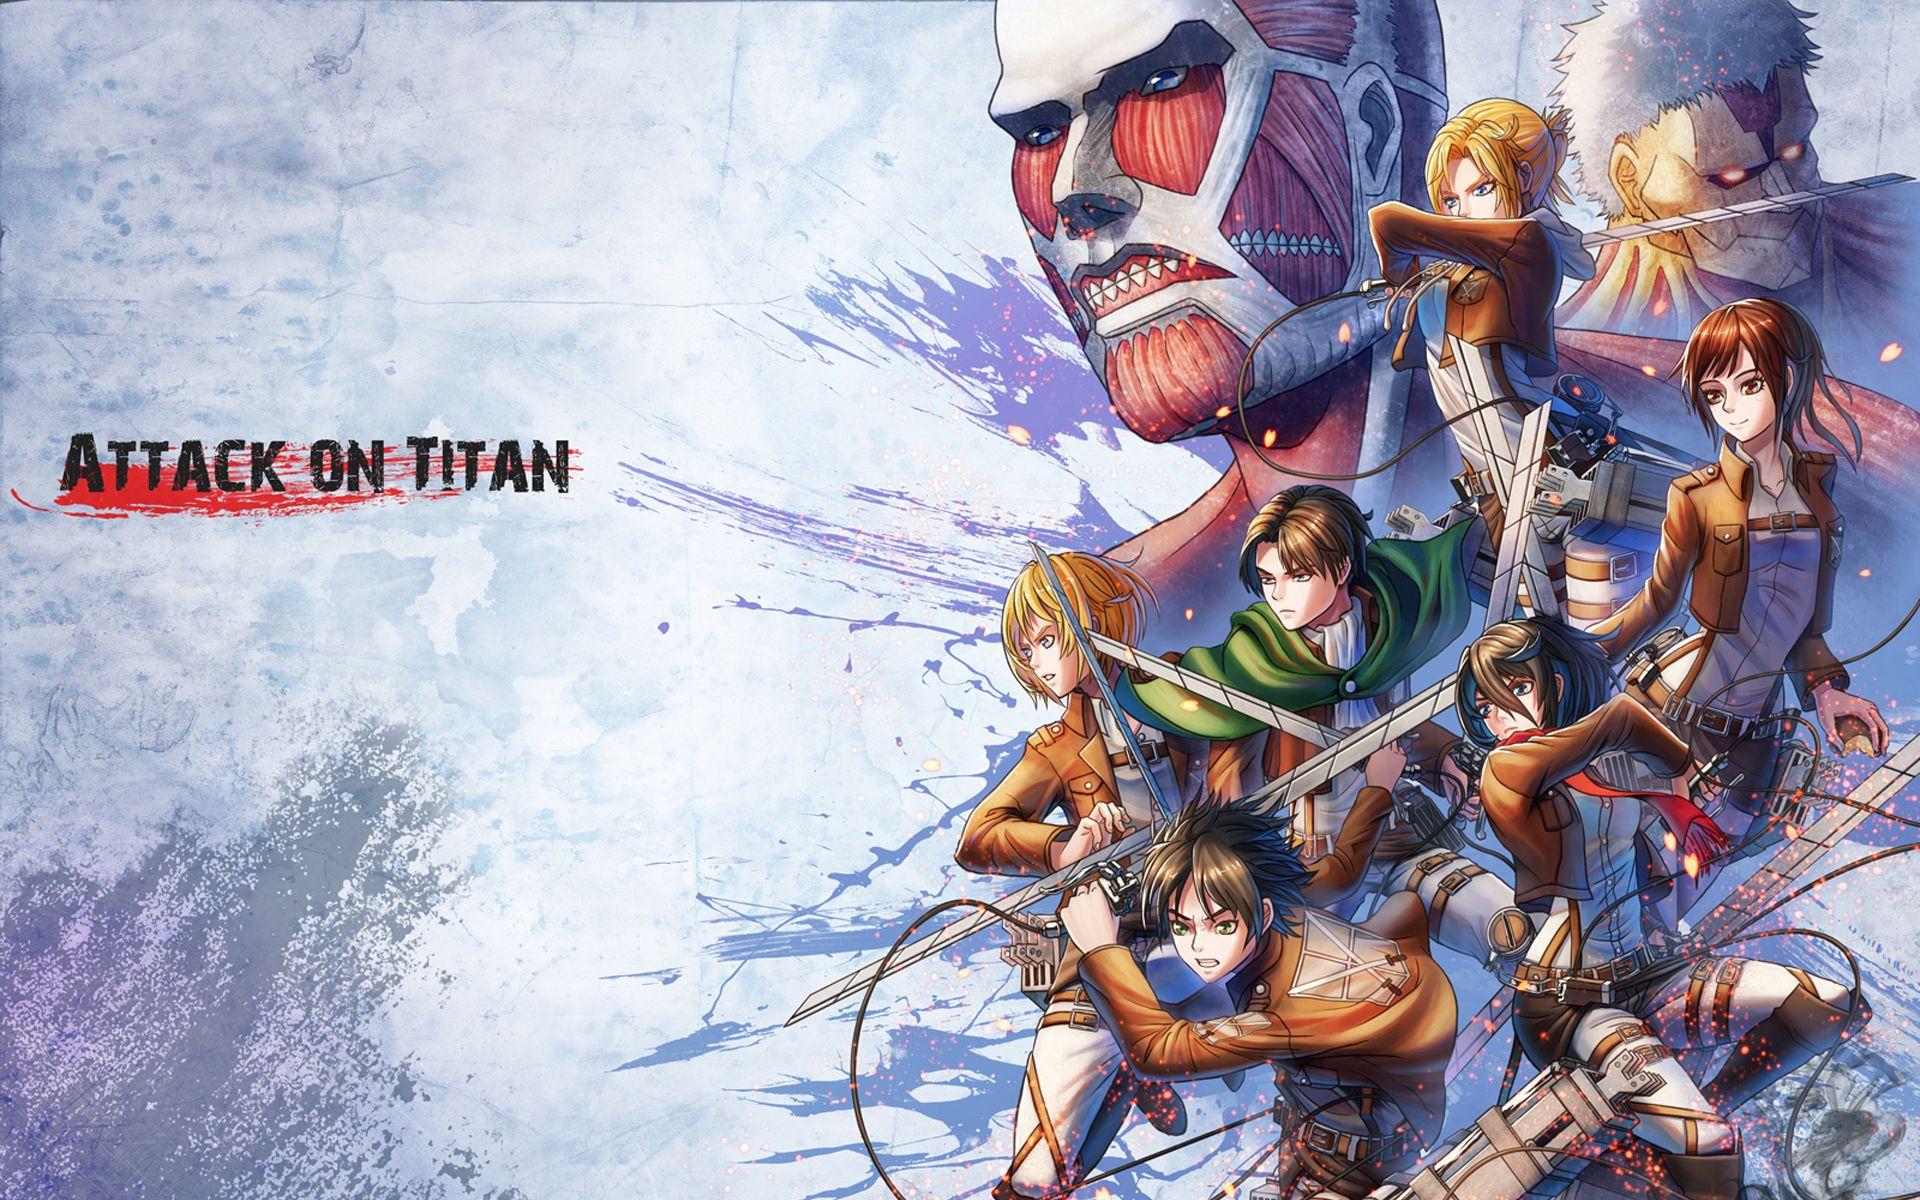 Ataque Alos Titanes Buscar Con Google Attack On Titan Art Attack On Titan Attack On Titan Eren